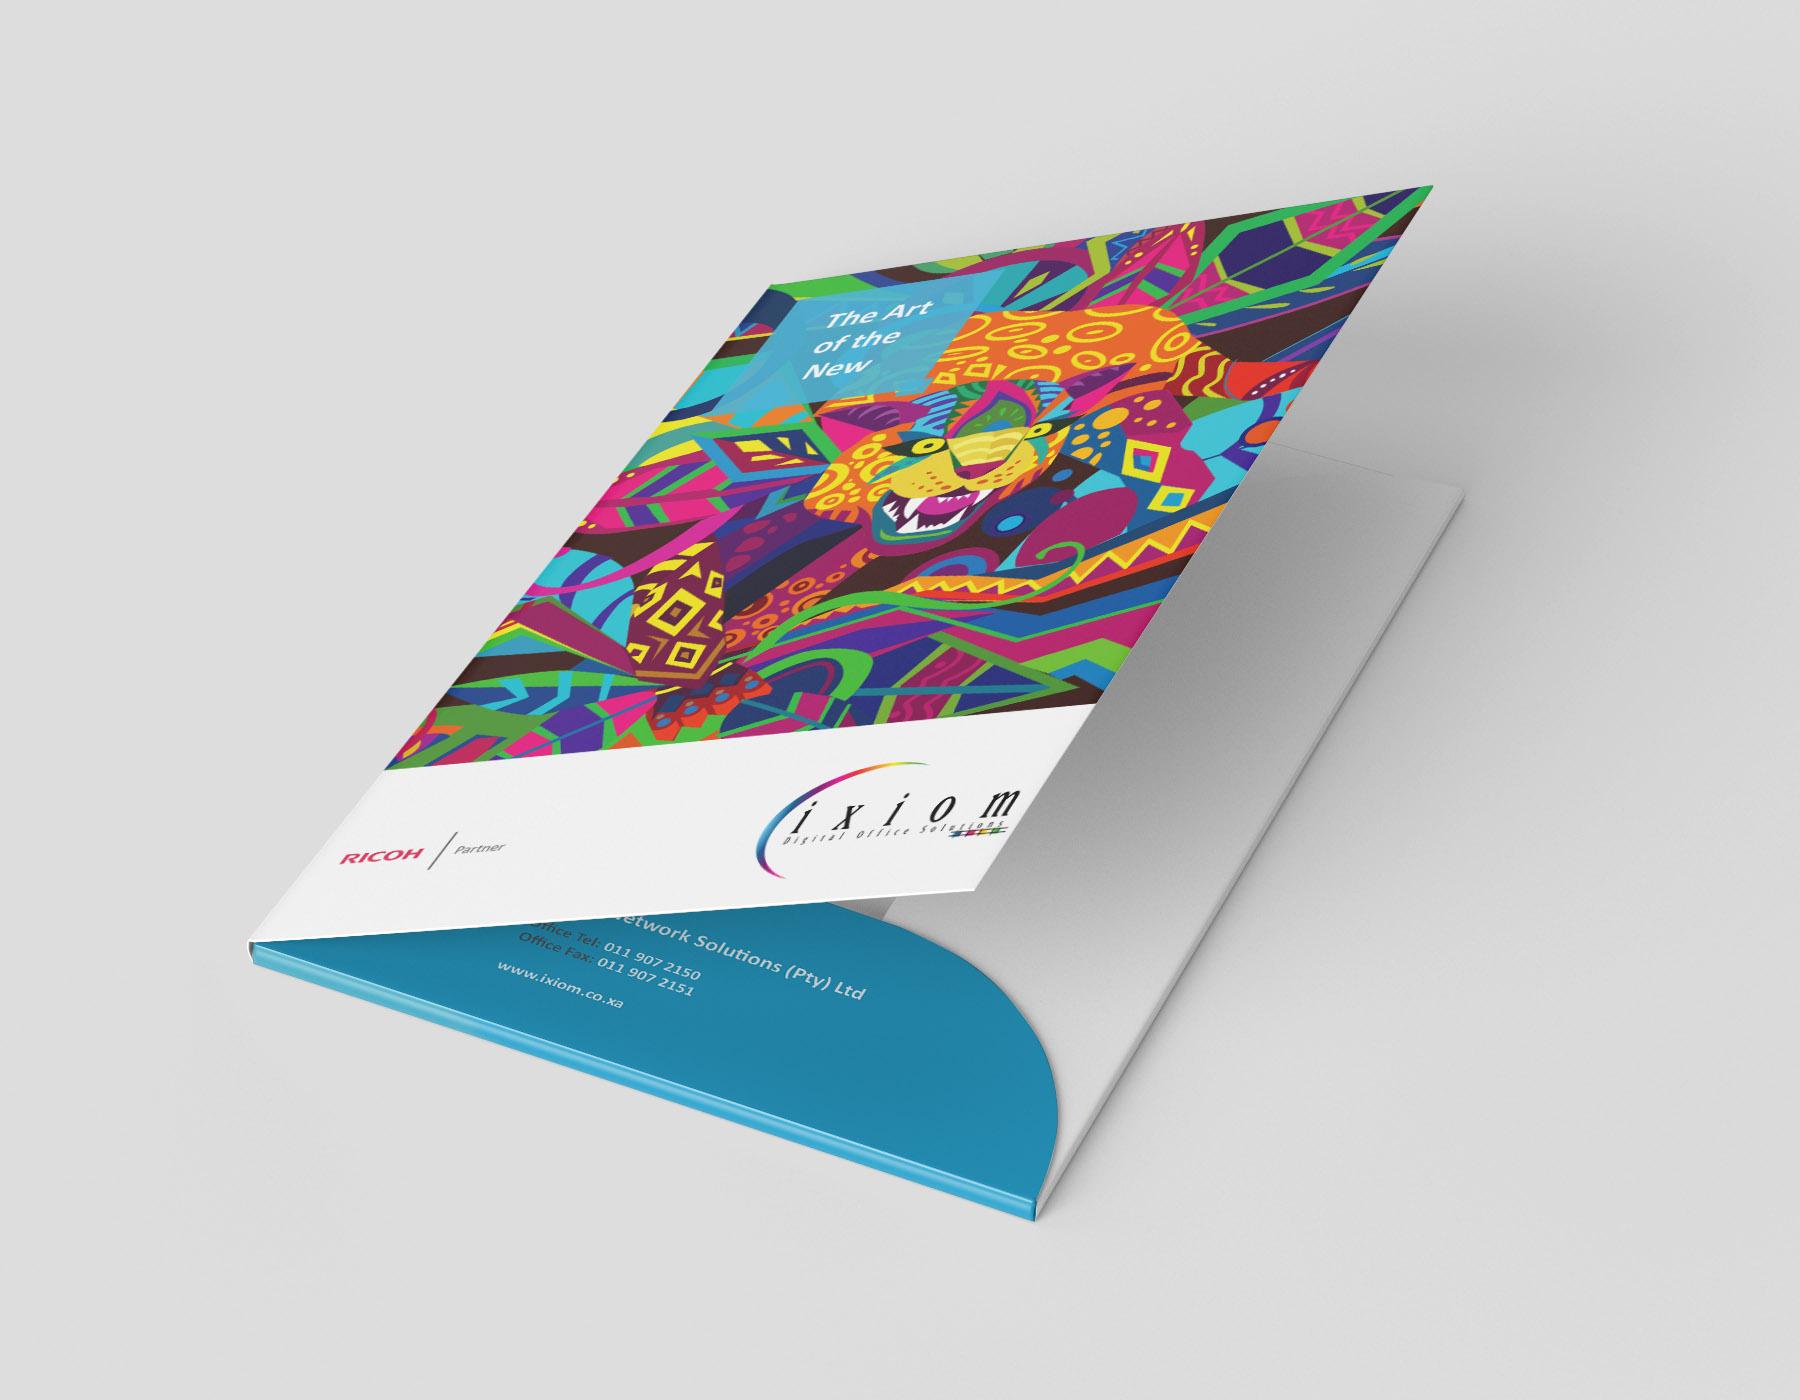 folder mock up